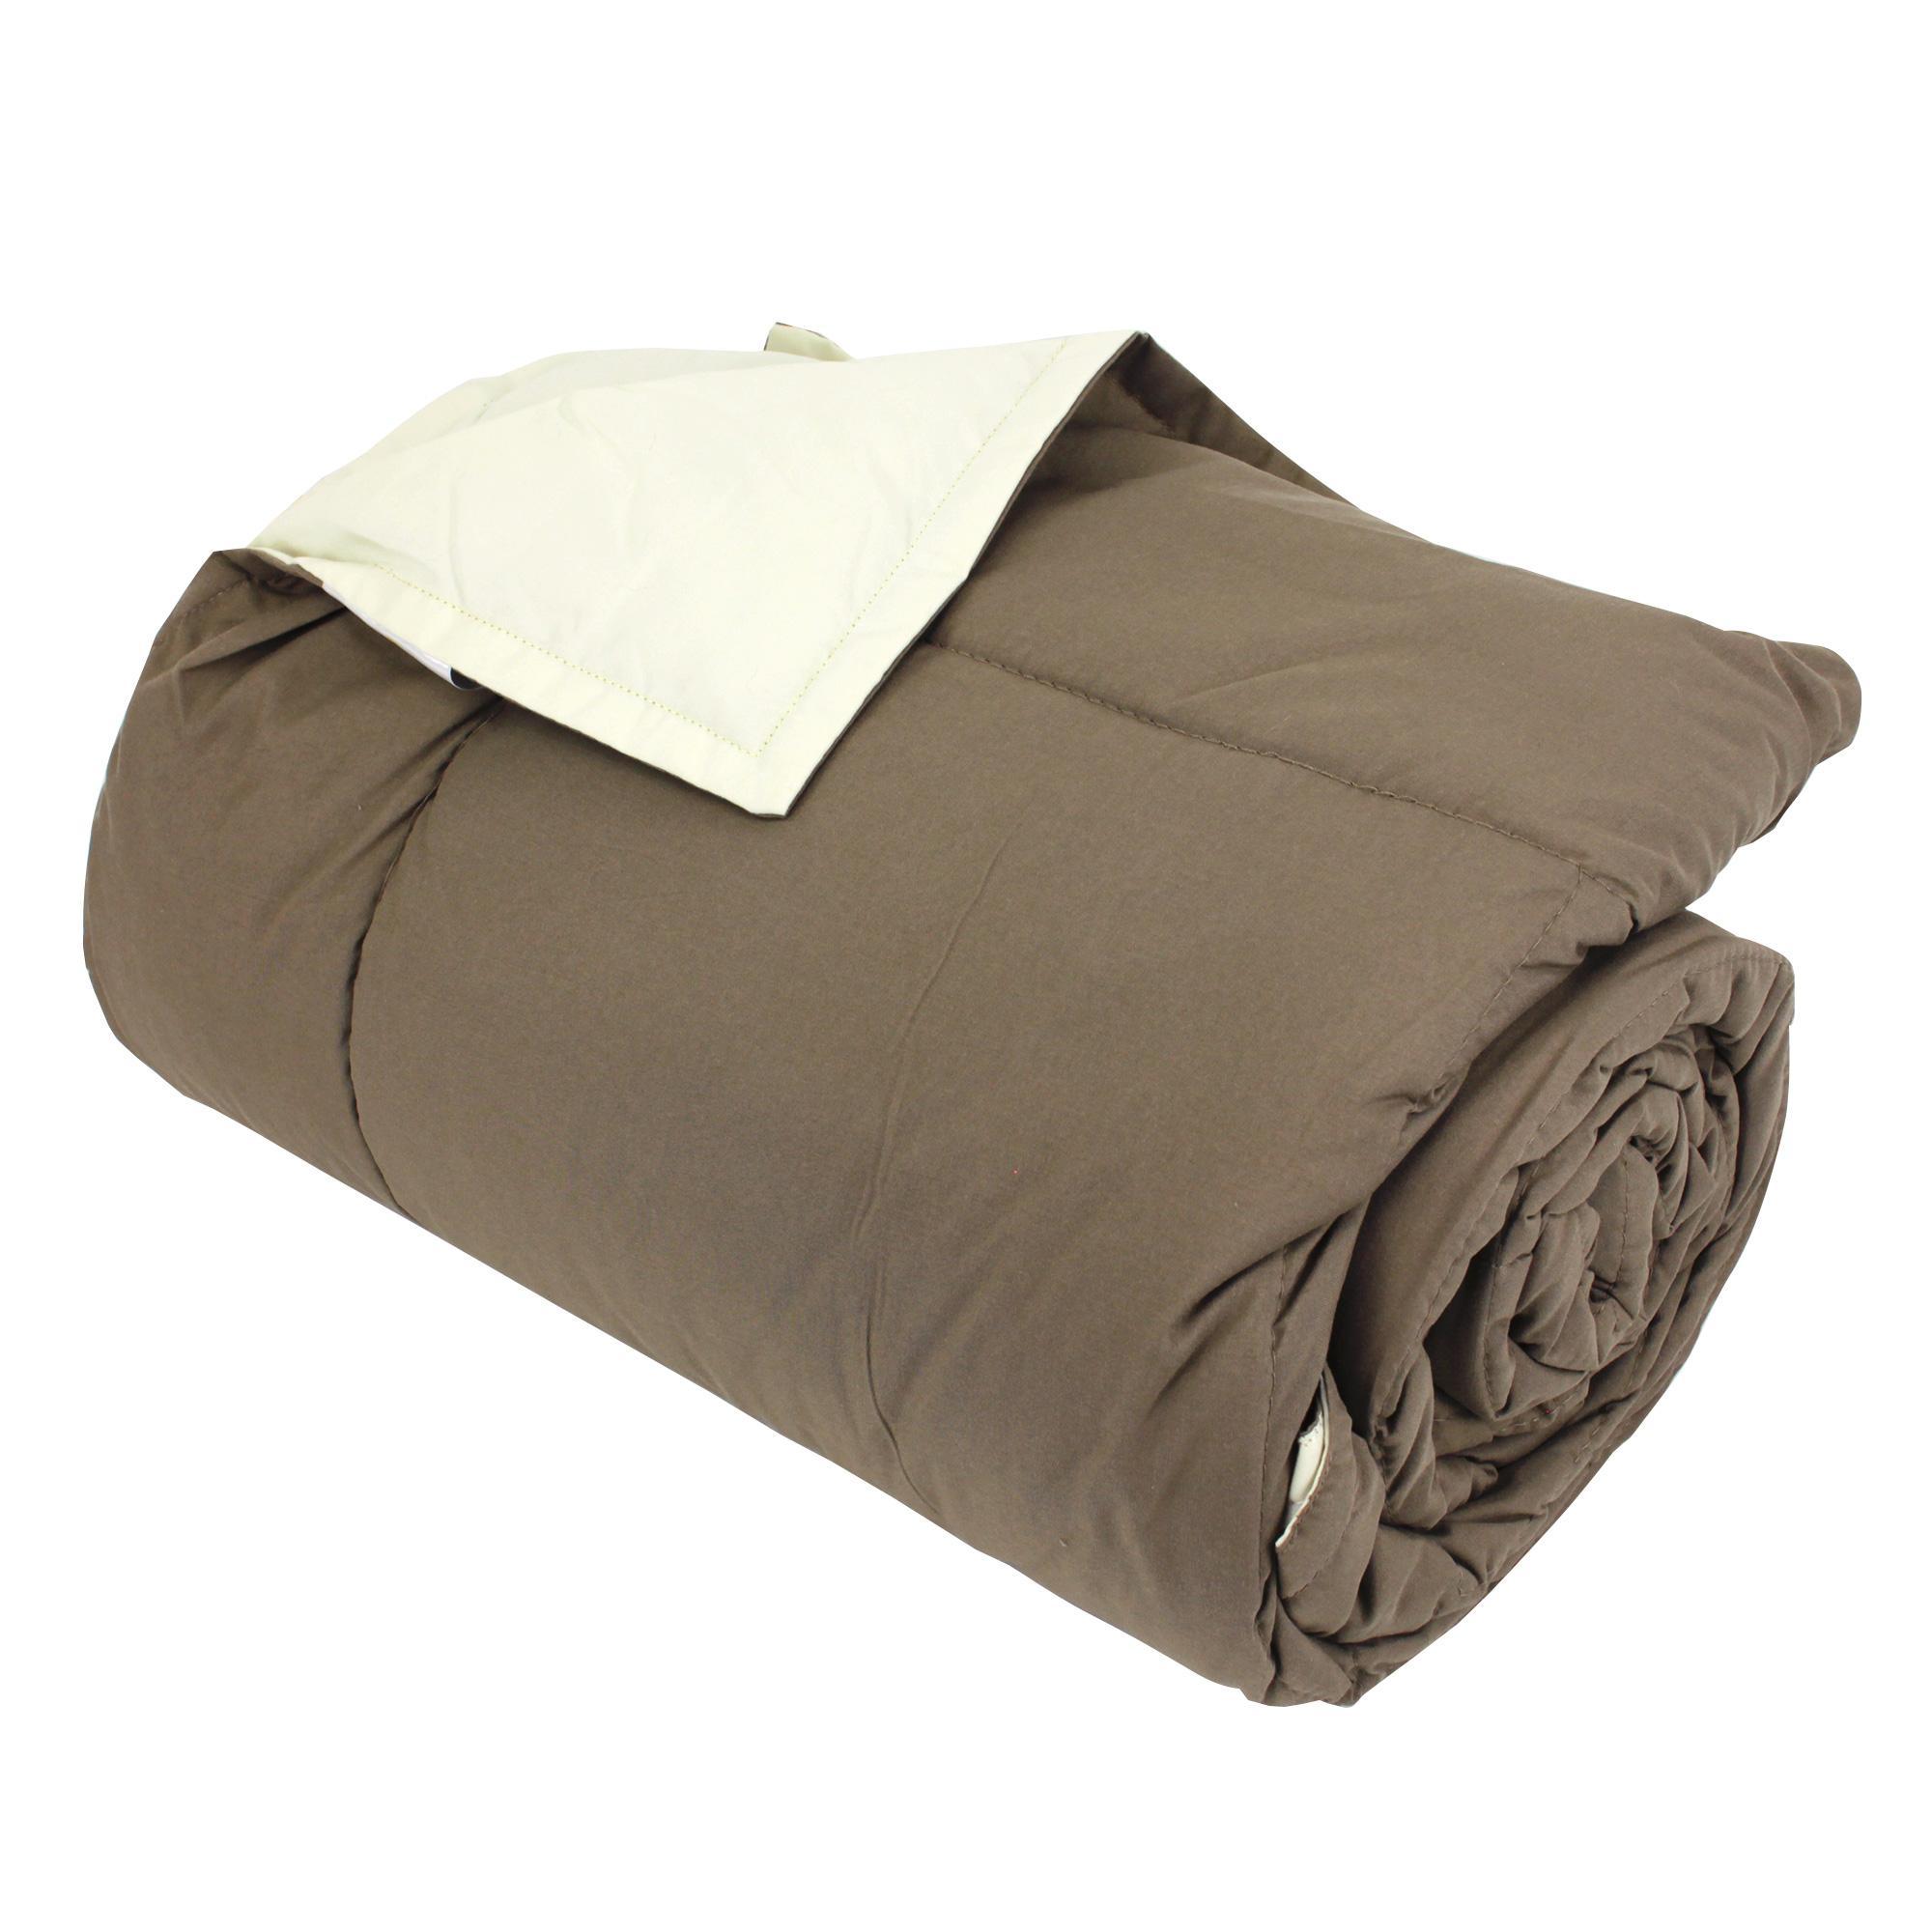 dessus de lit bicolore frisbee 240x260 cm taupe cr me linnea vente de linge de maison. Black Bedroom Furniture Sets. Home Design Ideas